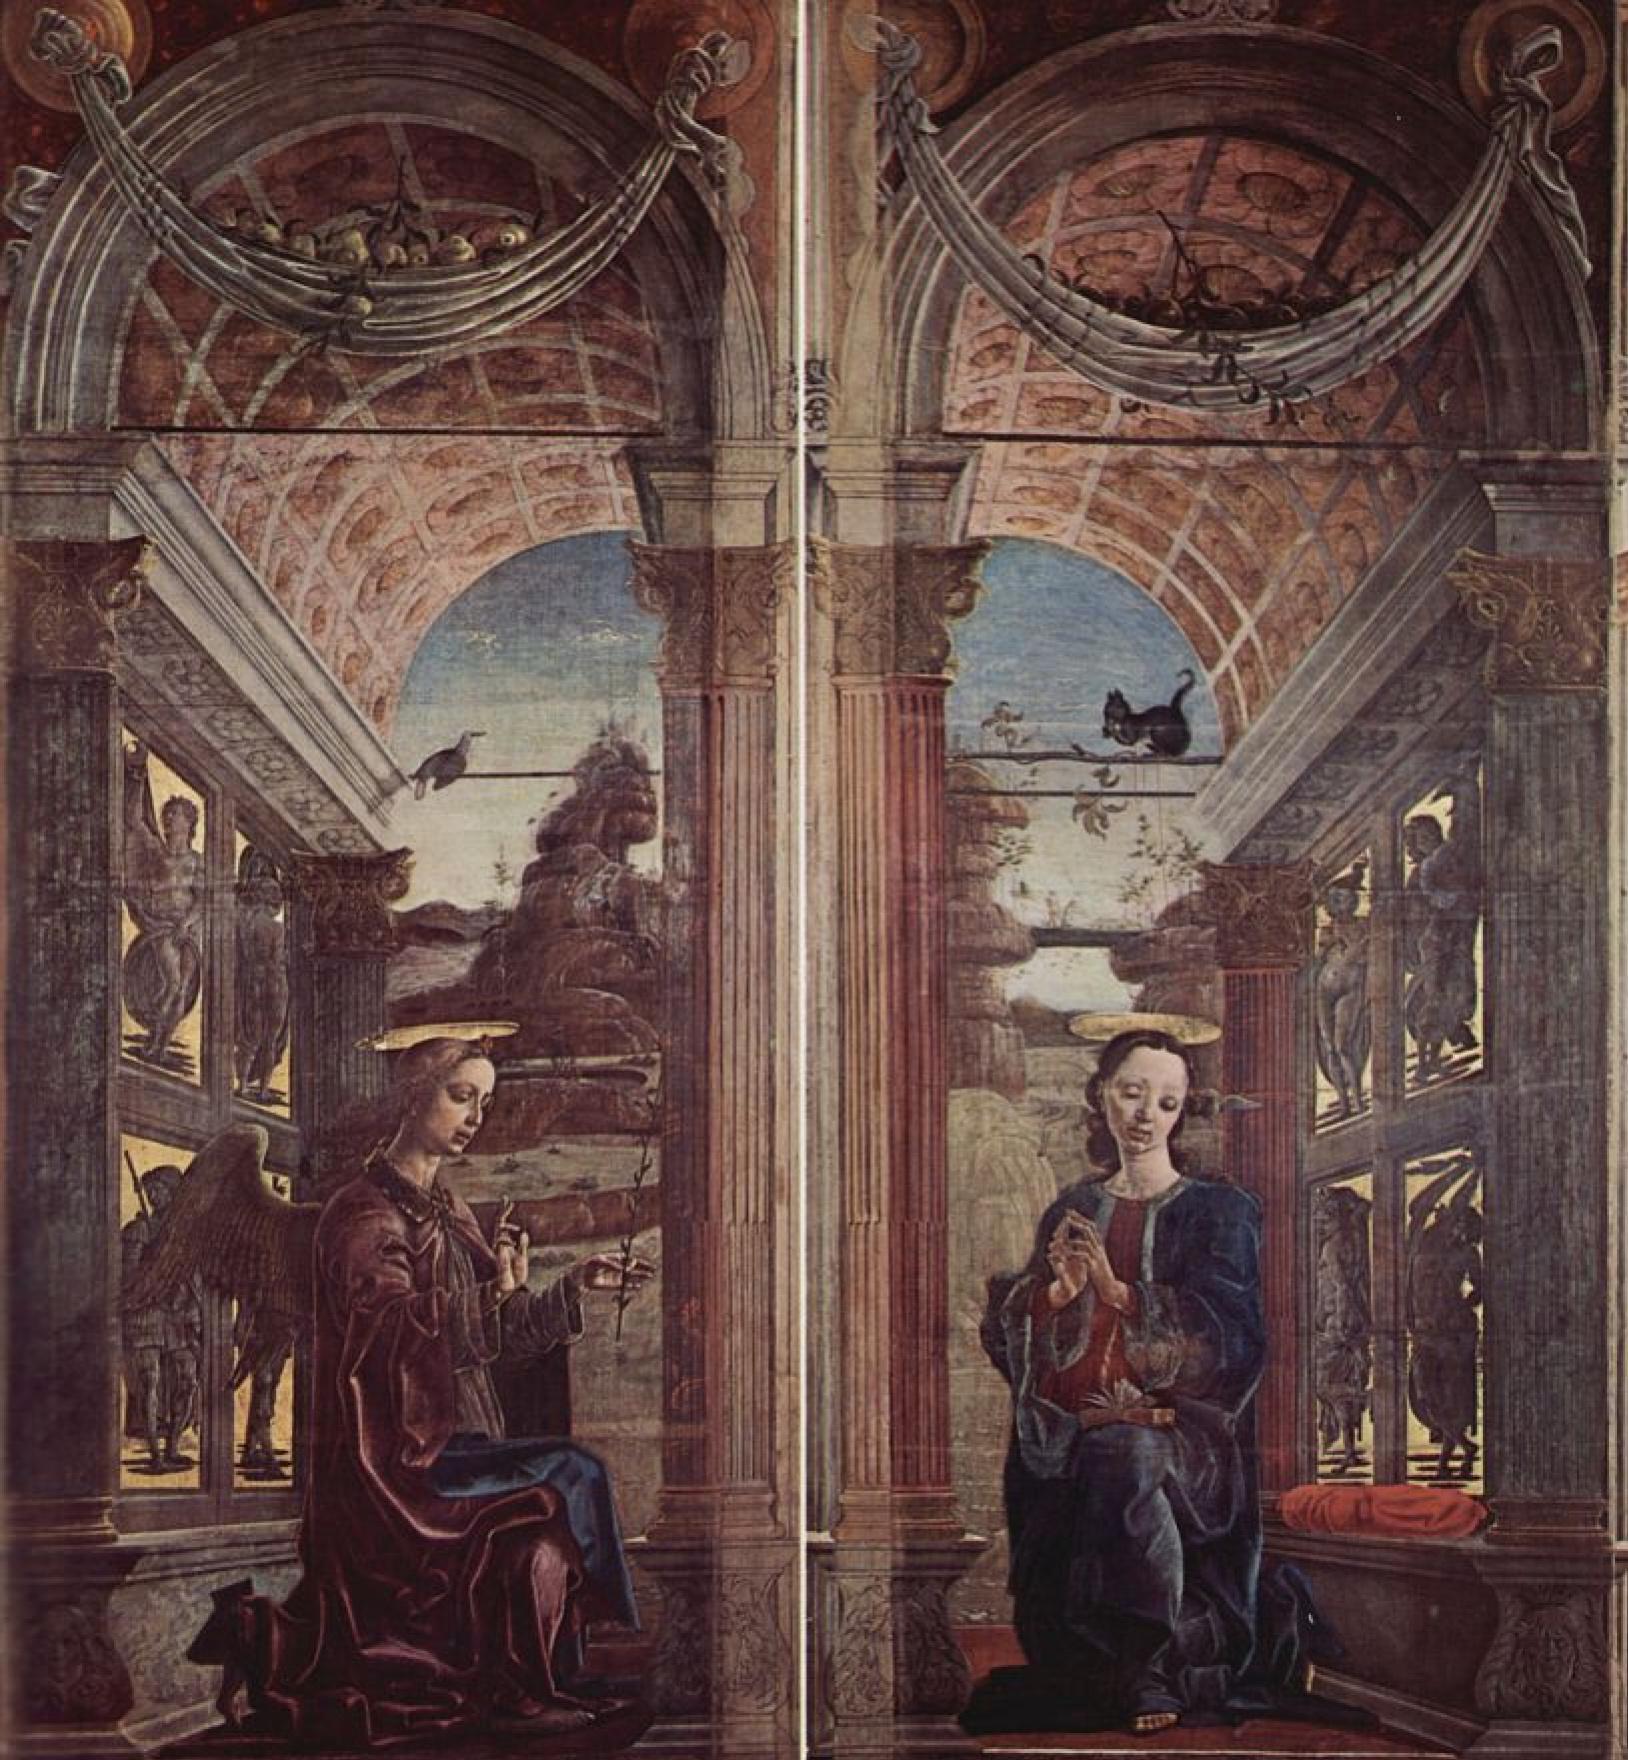 Козимо Тура. Четыре органных створки Кафедрального собора в Ферраре, с св. Георгом и драконом и Благовещением, сцена: Благовещение